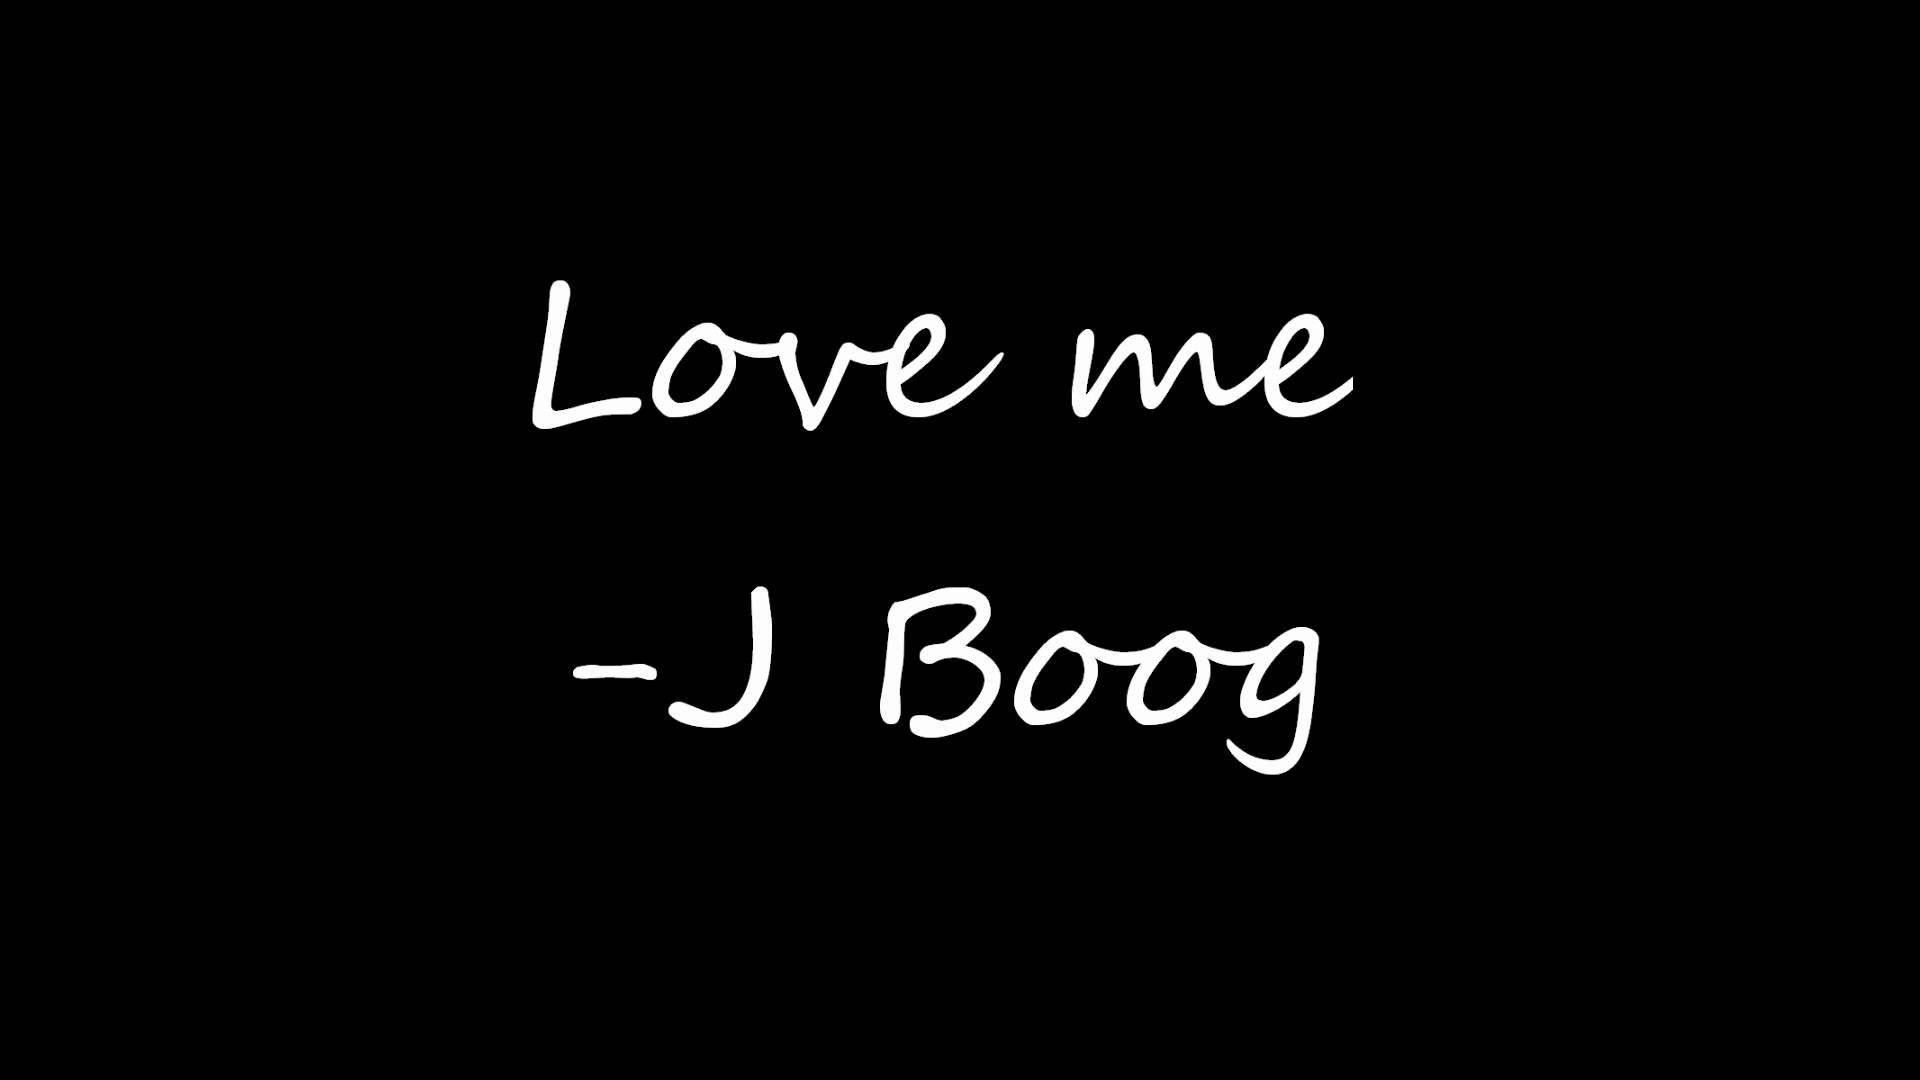 Love me - J Boog